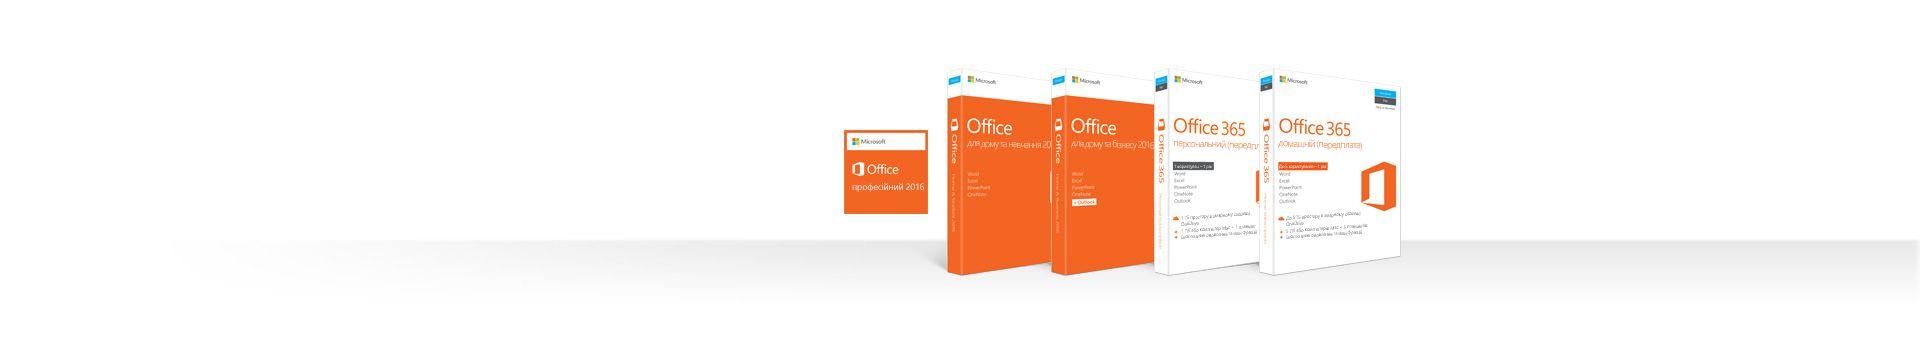 Низка коробок із продуктами Office 2016 і Office 365 для ПК